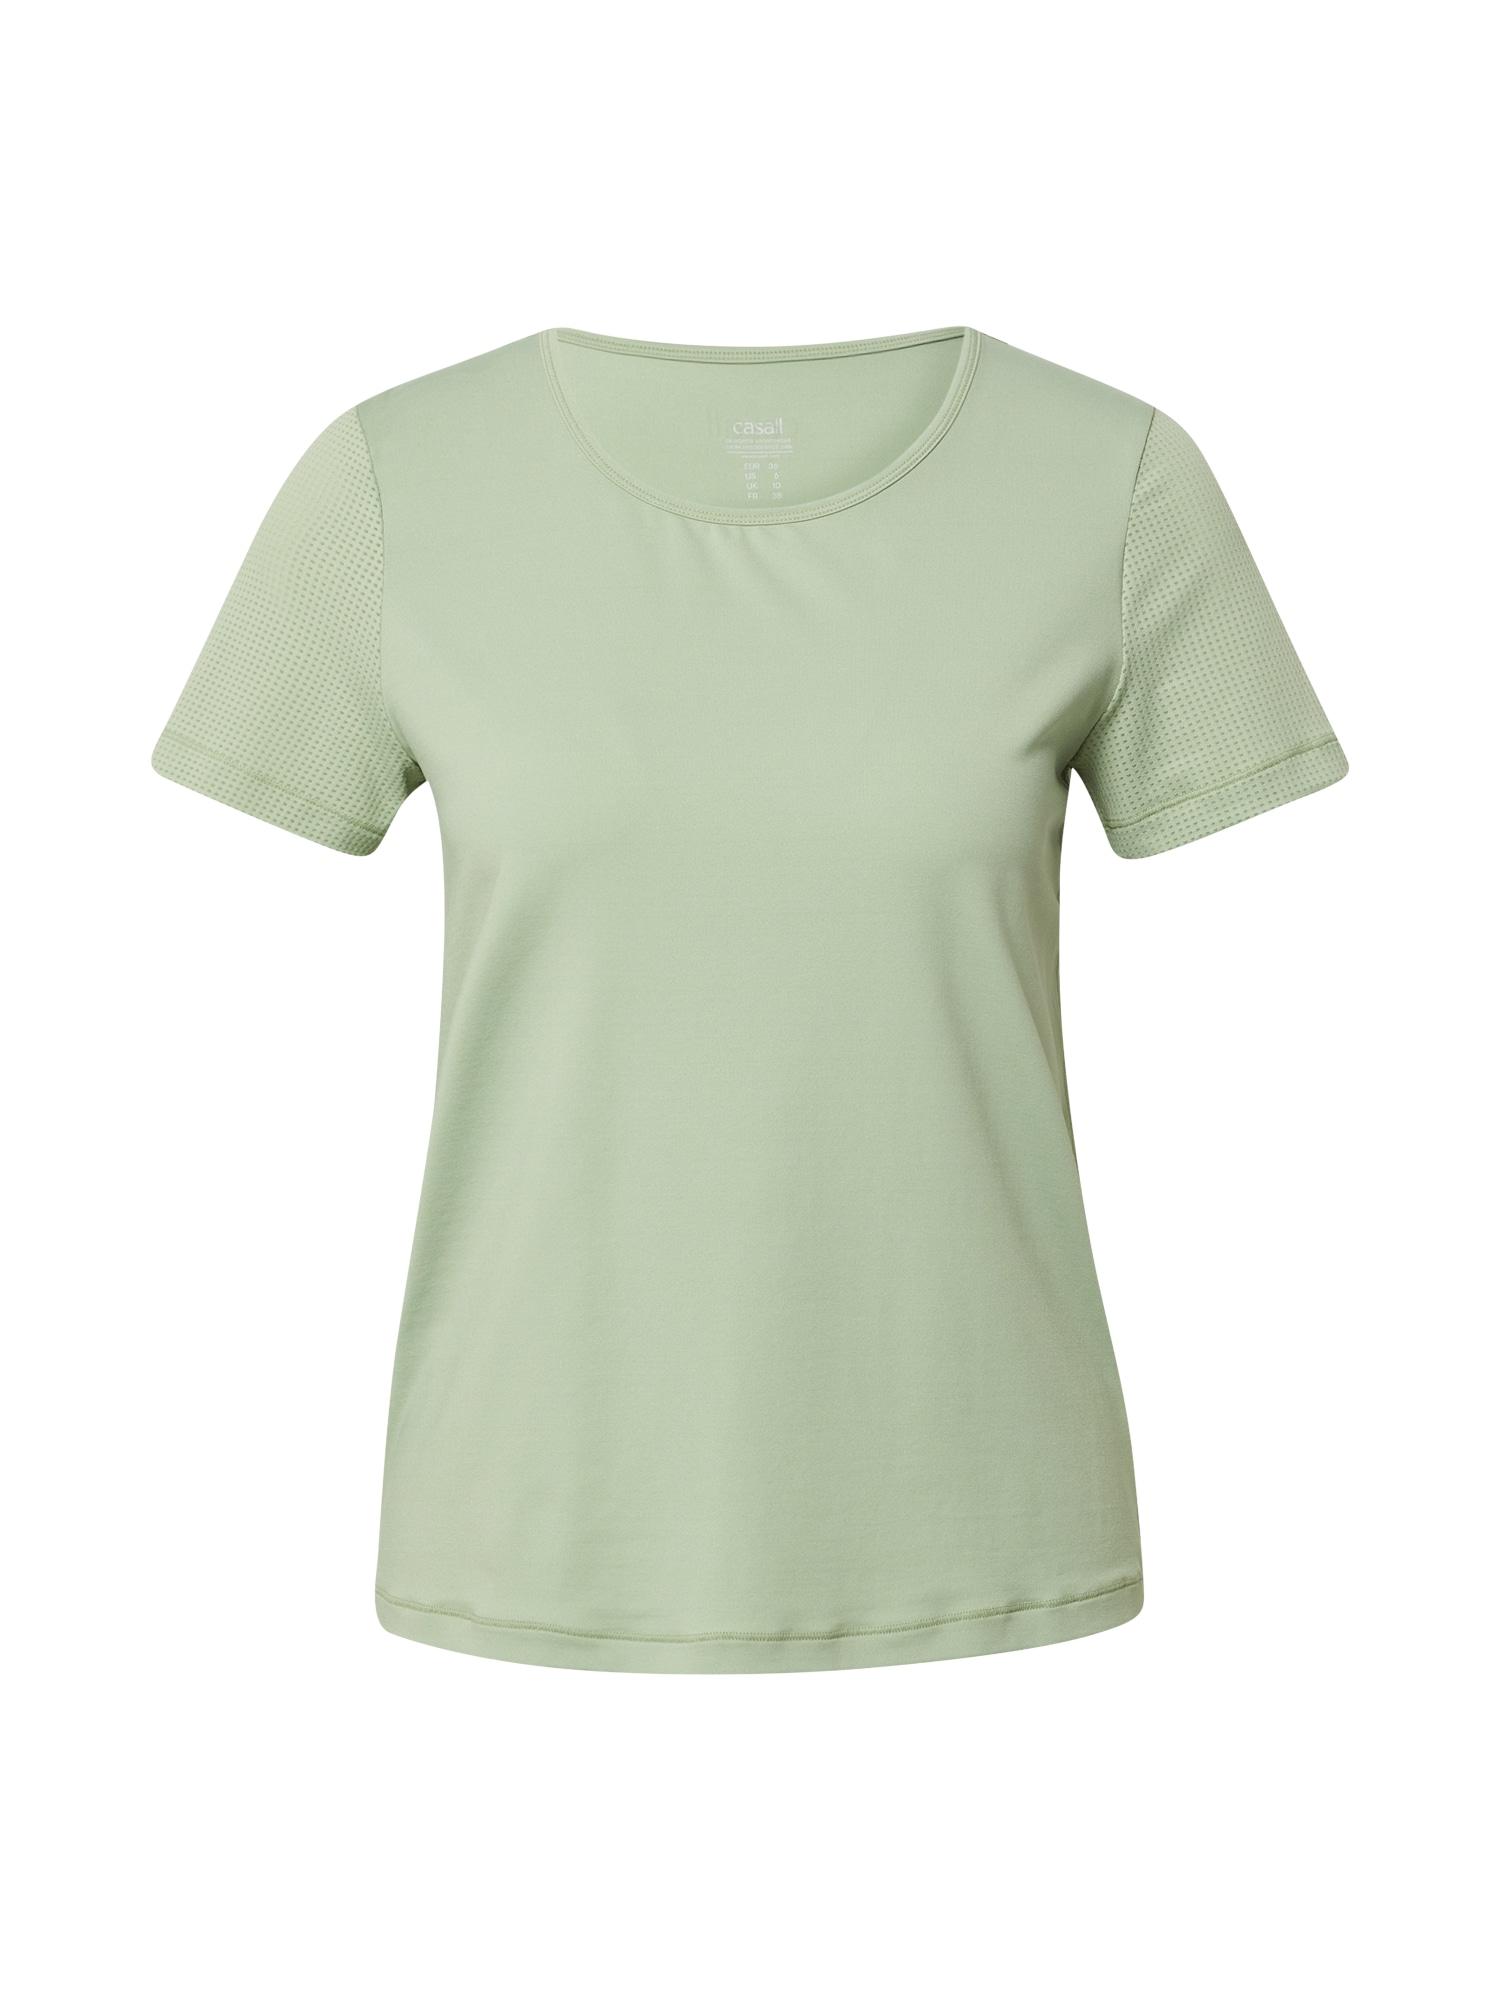 Casall Sportiniai marškinėliai pastelinė žalia